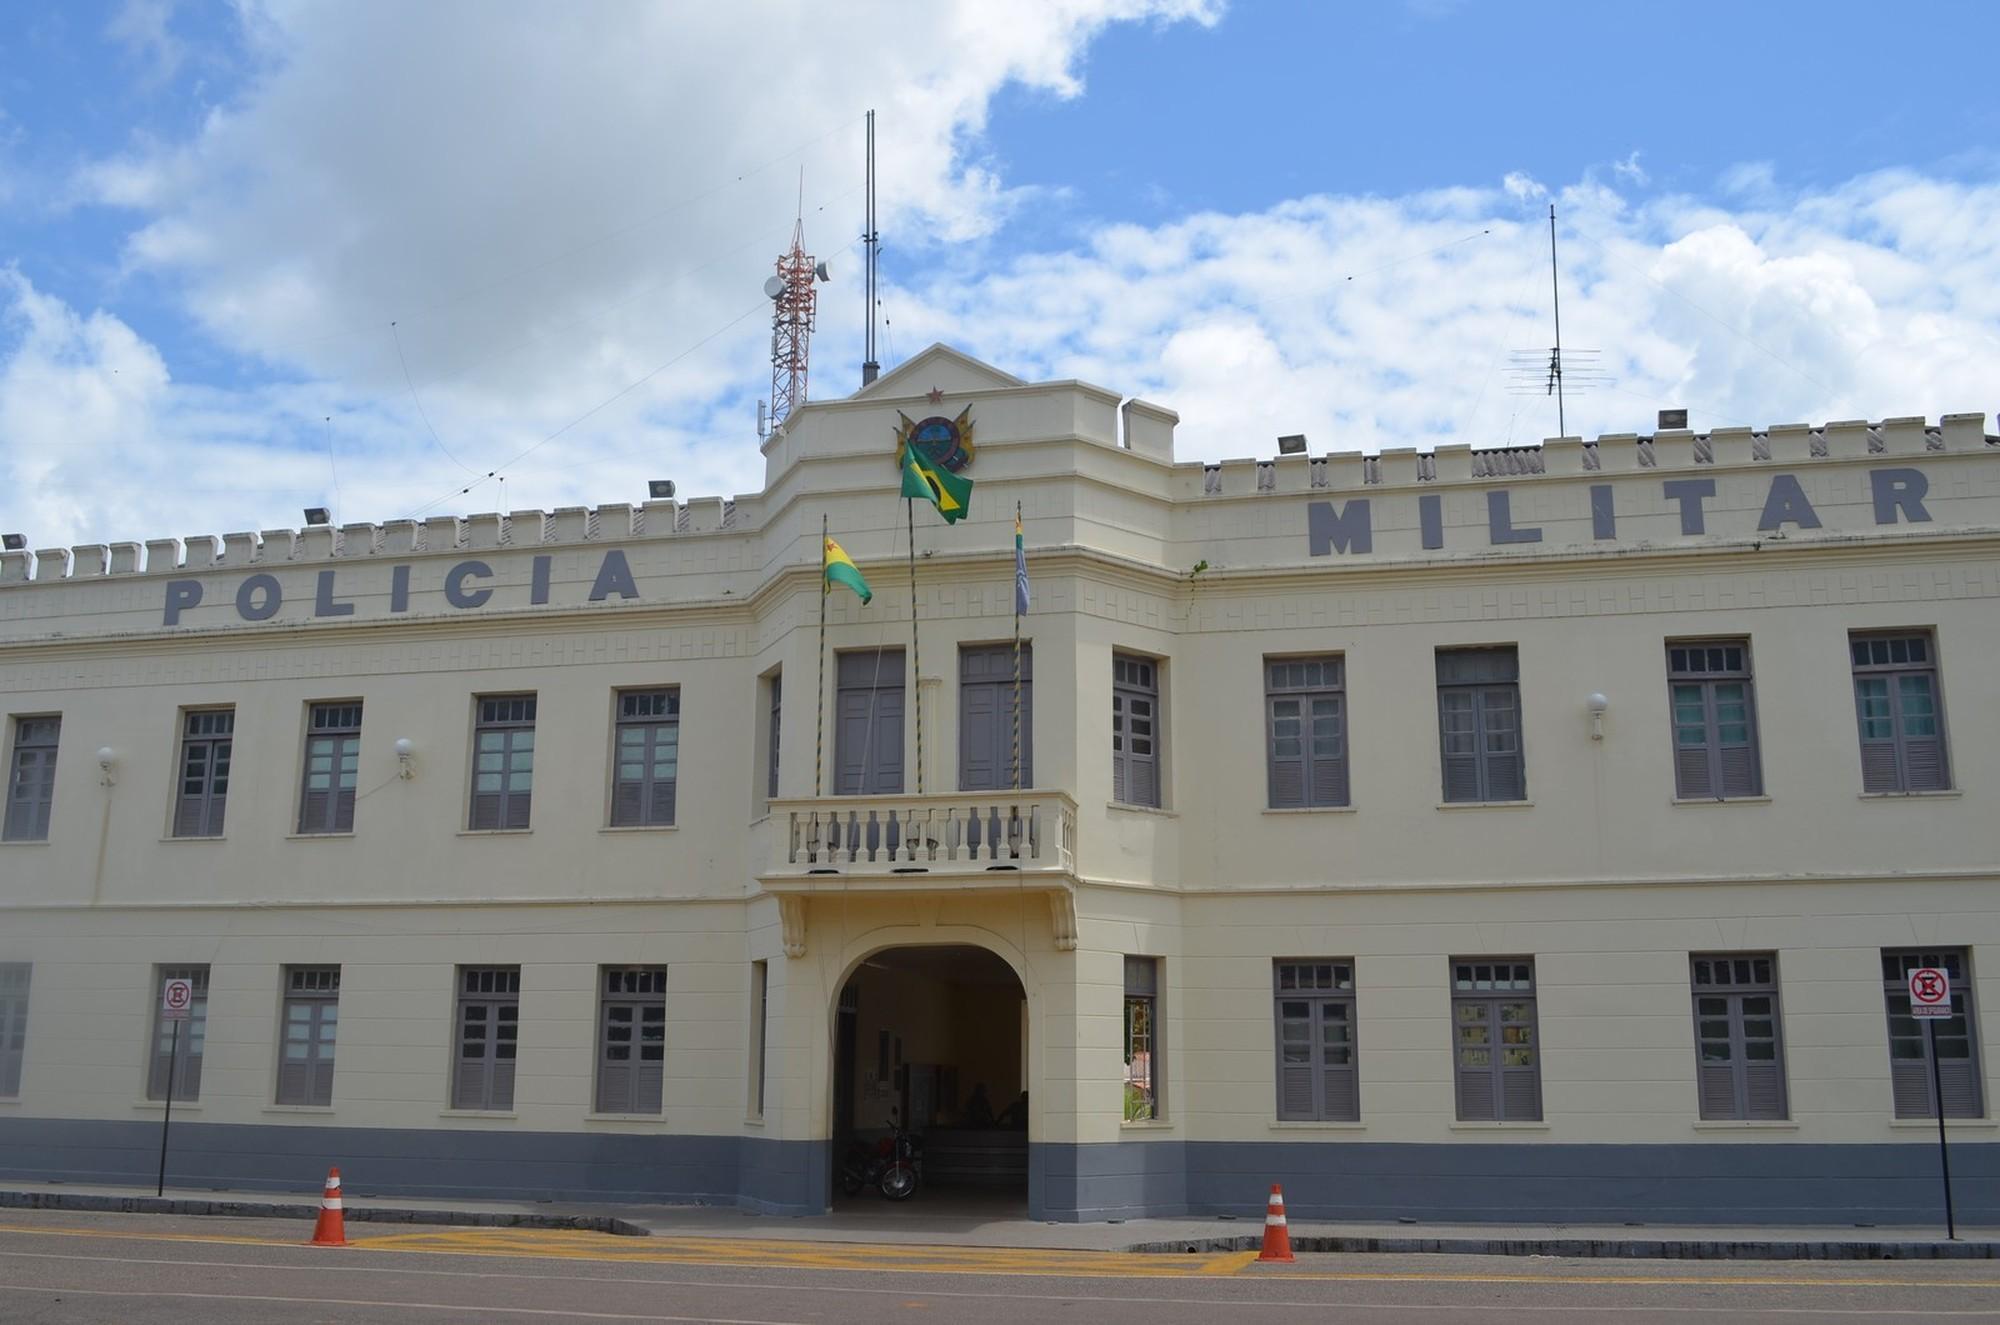 PM do AC condenado por espancar e pregar homem em assoalho de casa tem habeas corpus negado - Notícias - Plantão Diário